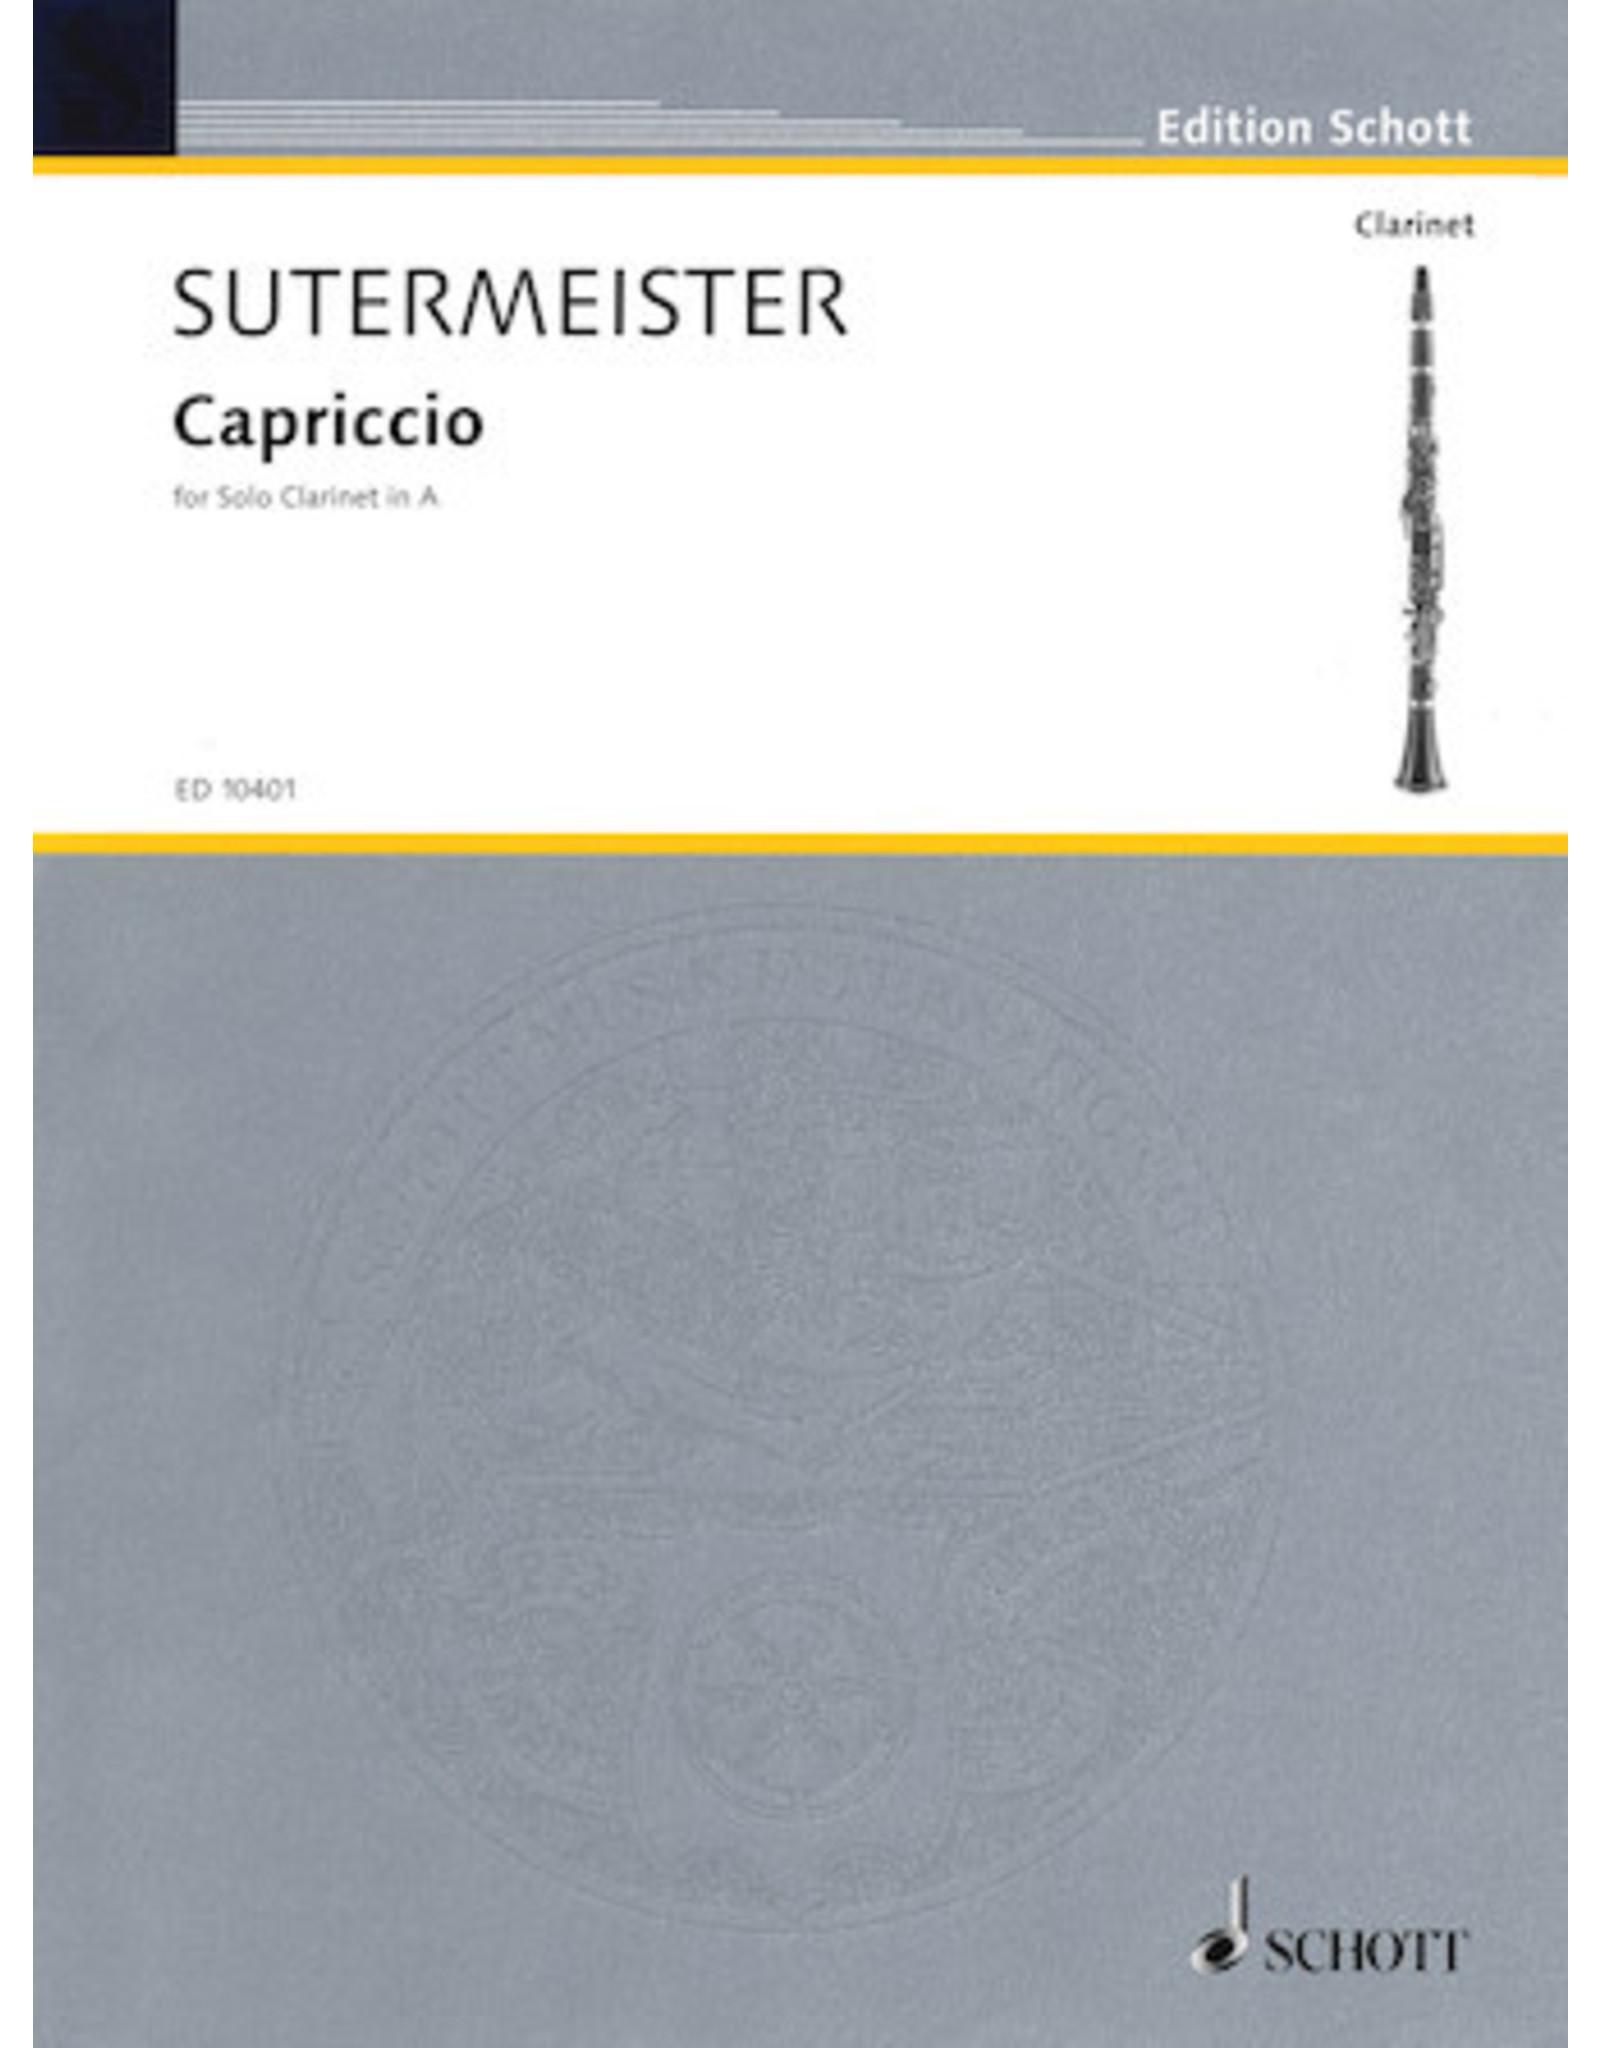 Hal Leonard Sutermeister - Capriccio for Solo Clarinet (1946) Solo Clarinet in A Schott